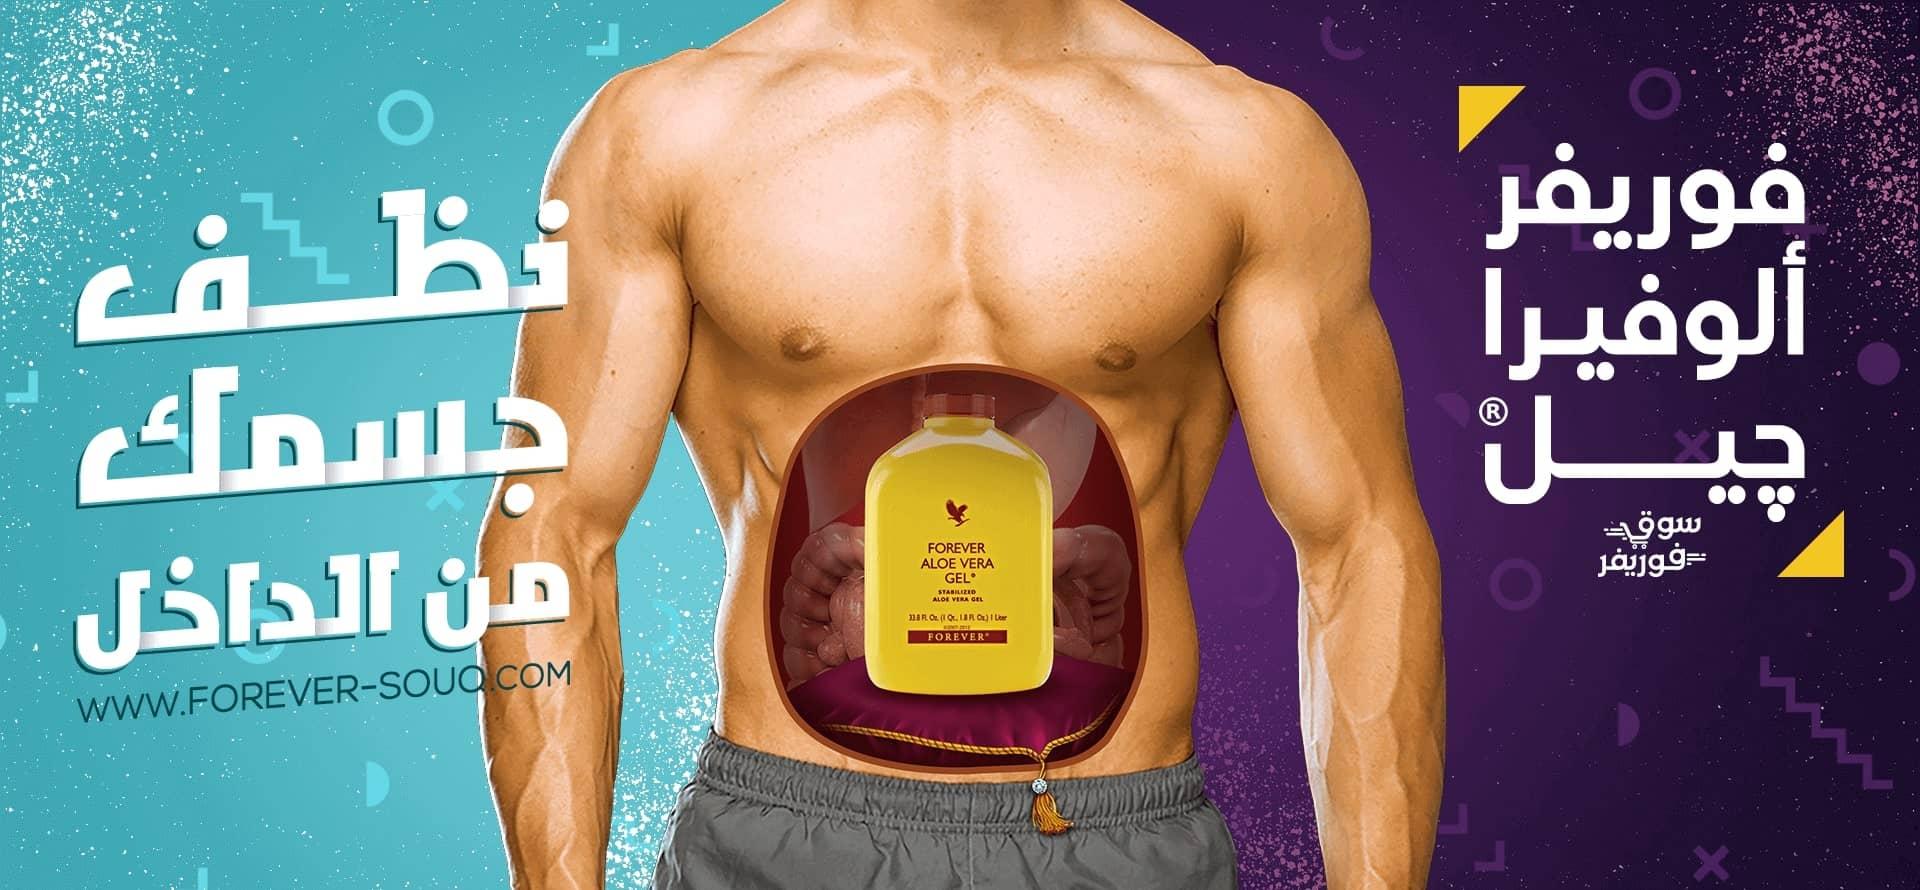 فوريفر الوفيرا جيل للتخسيس وتنظيف الجسم منتجات فوريفر سوق